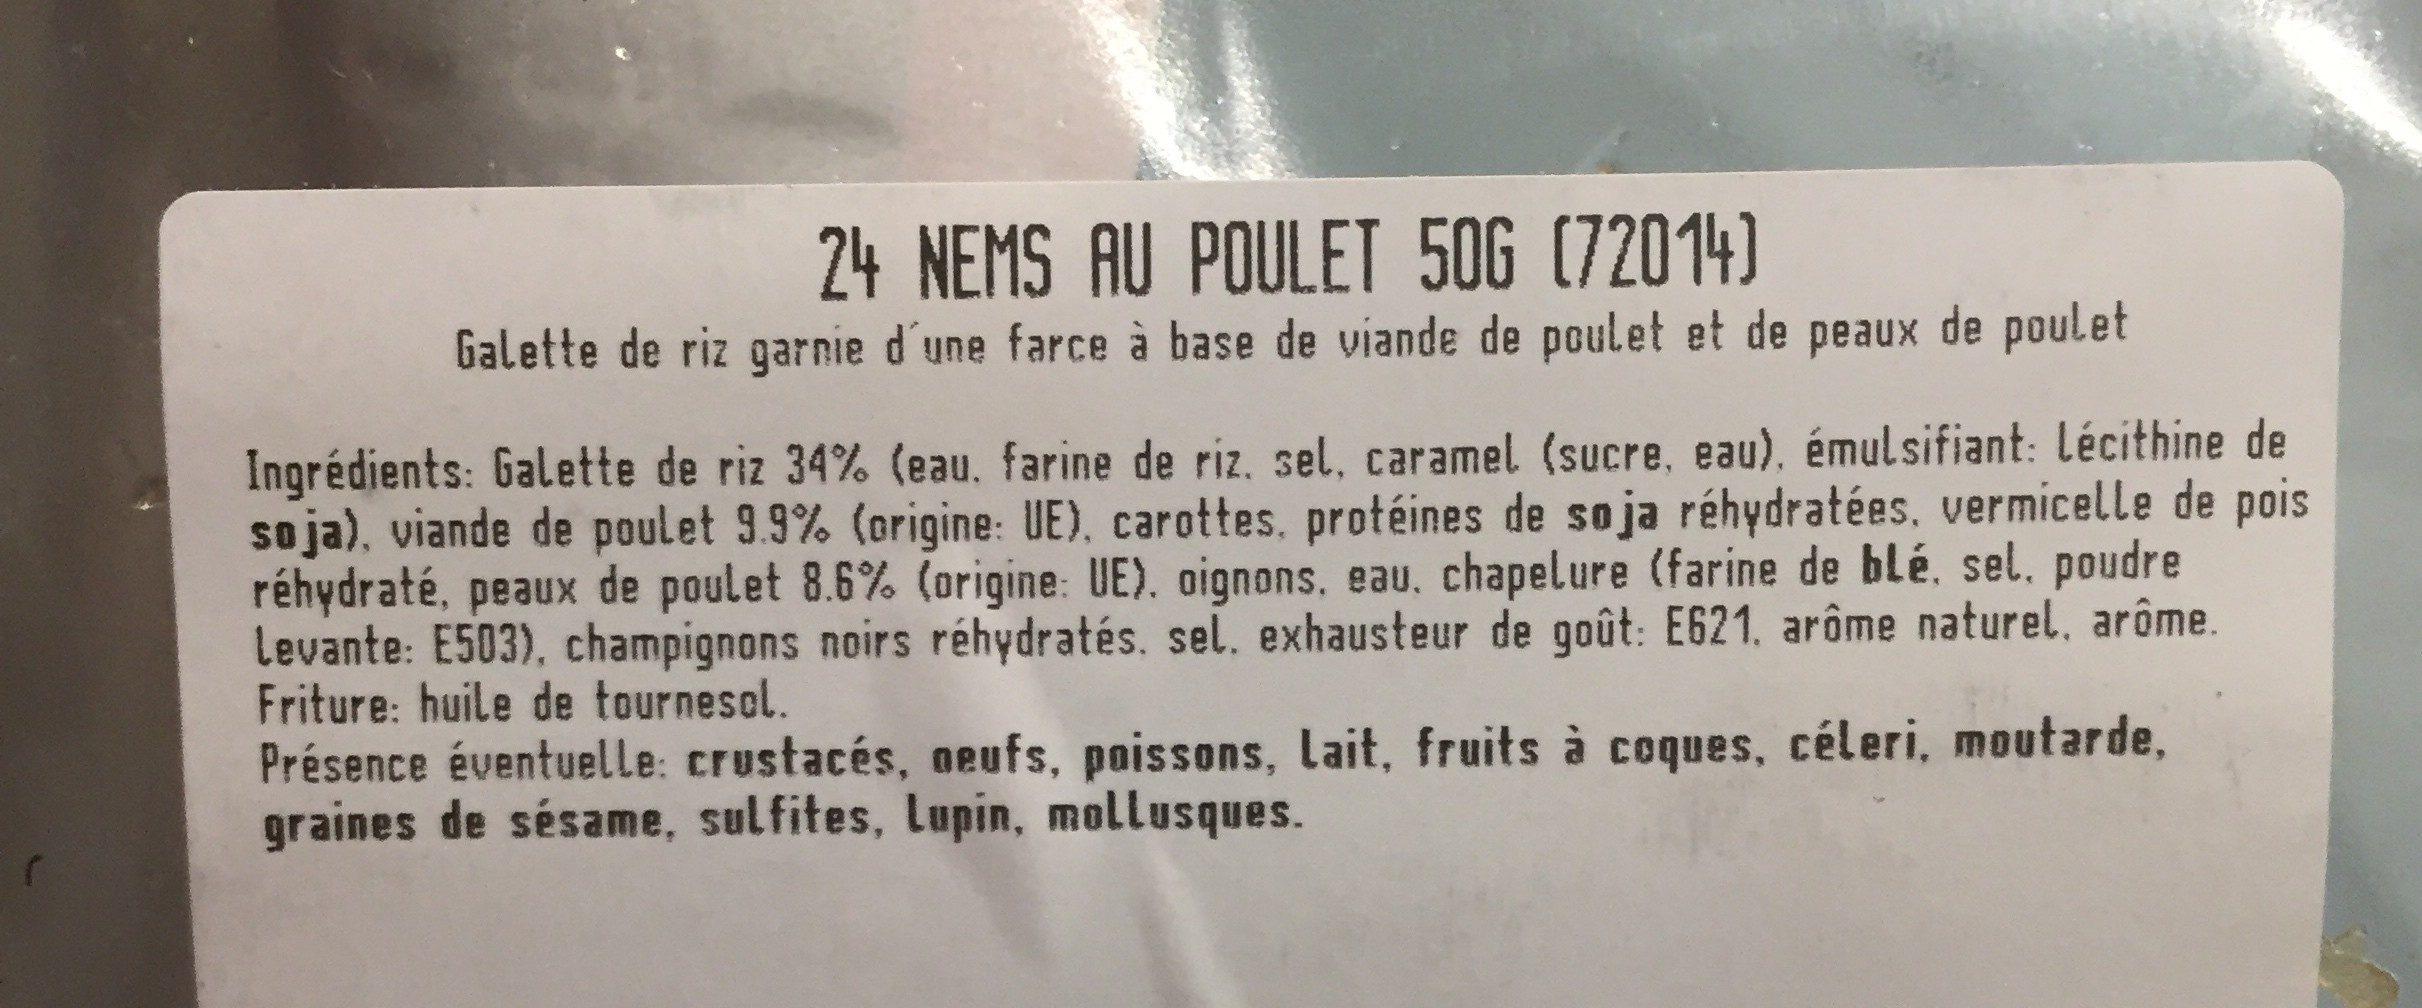 Nems au poulet - Ingredients - fr